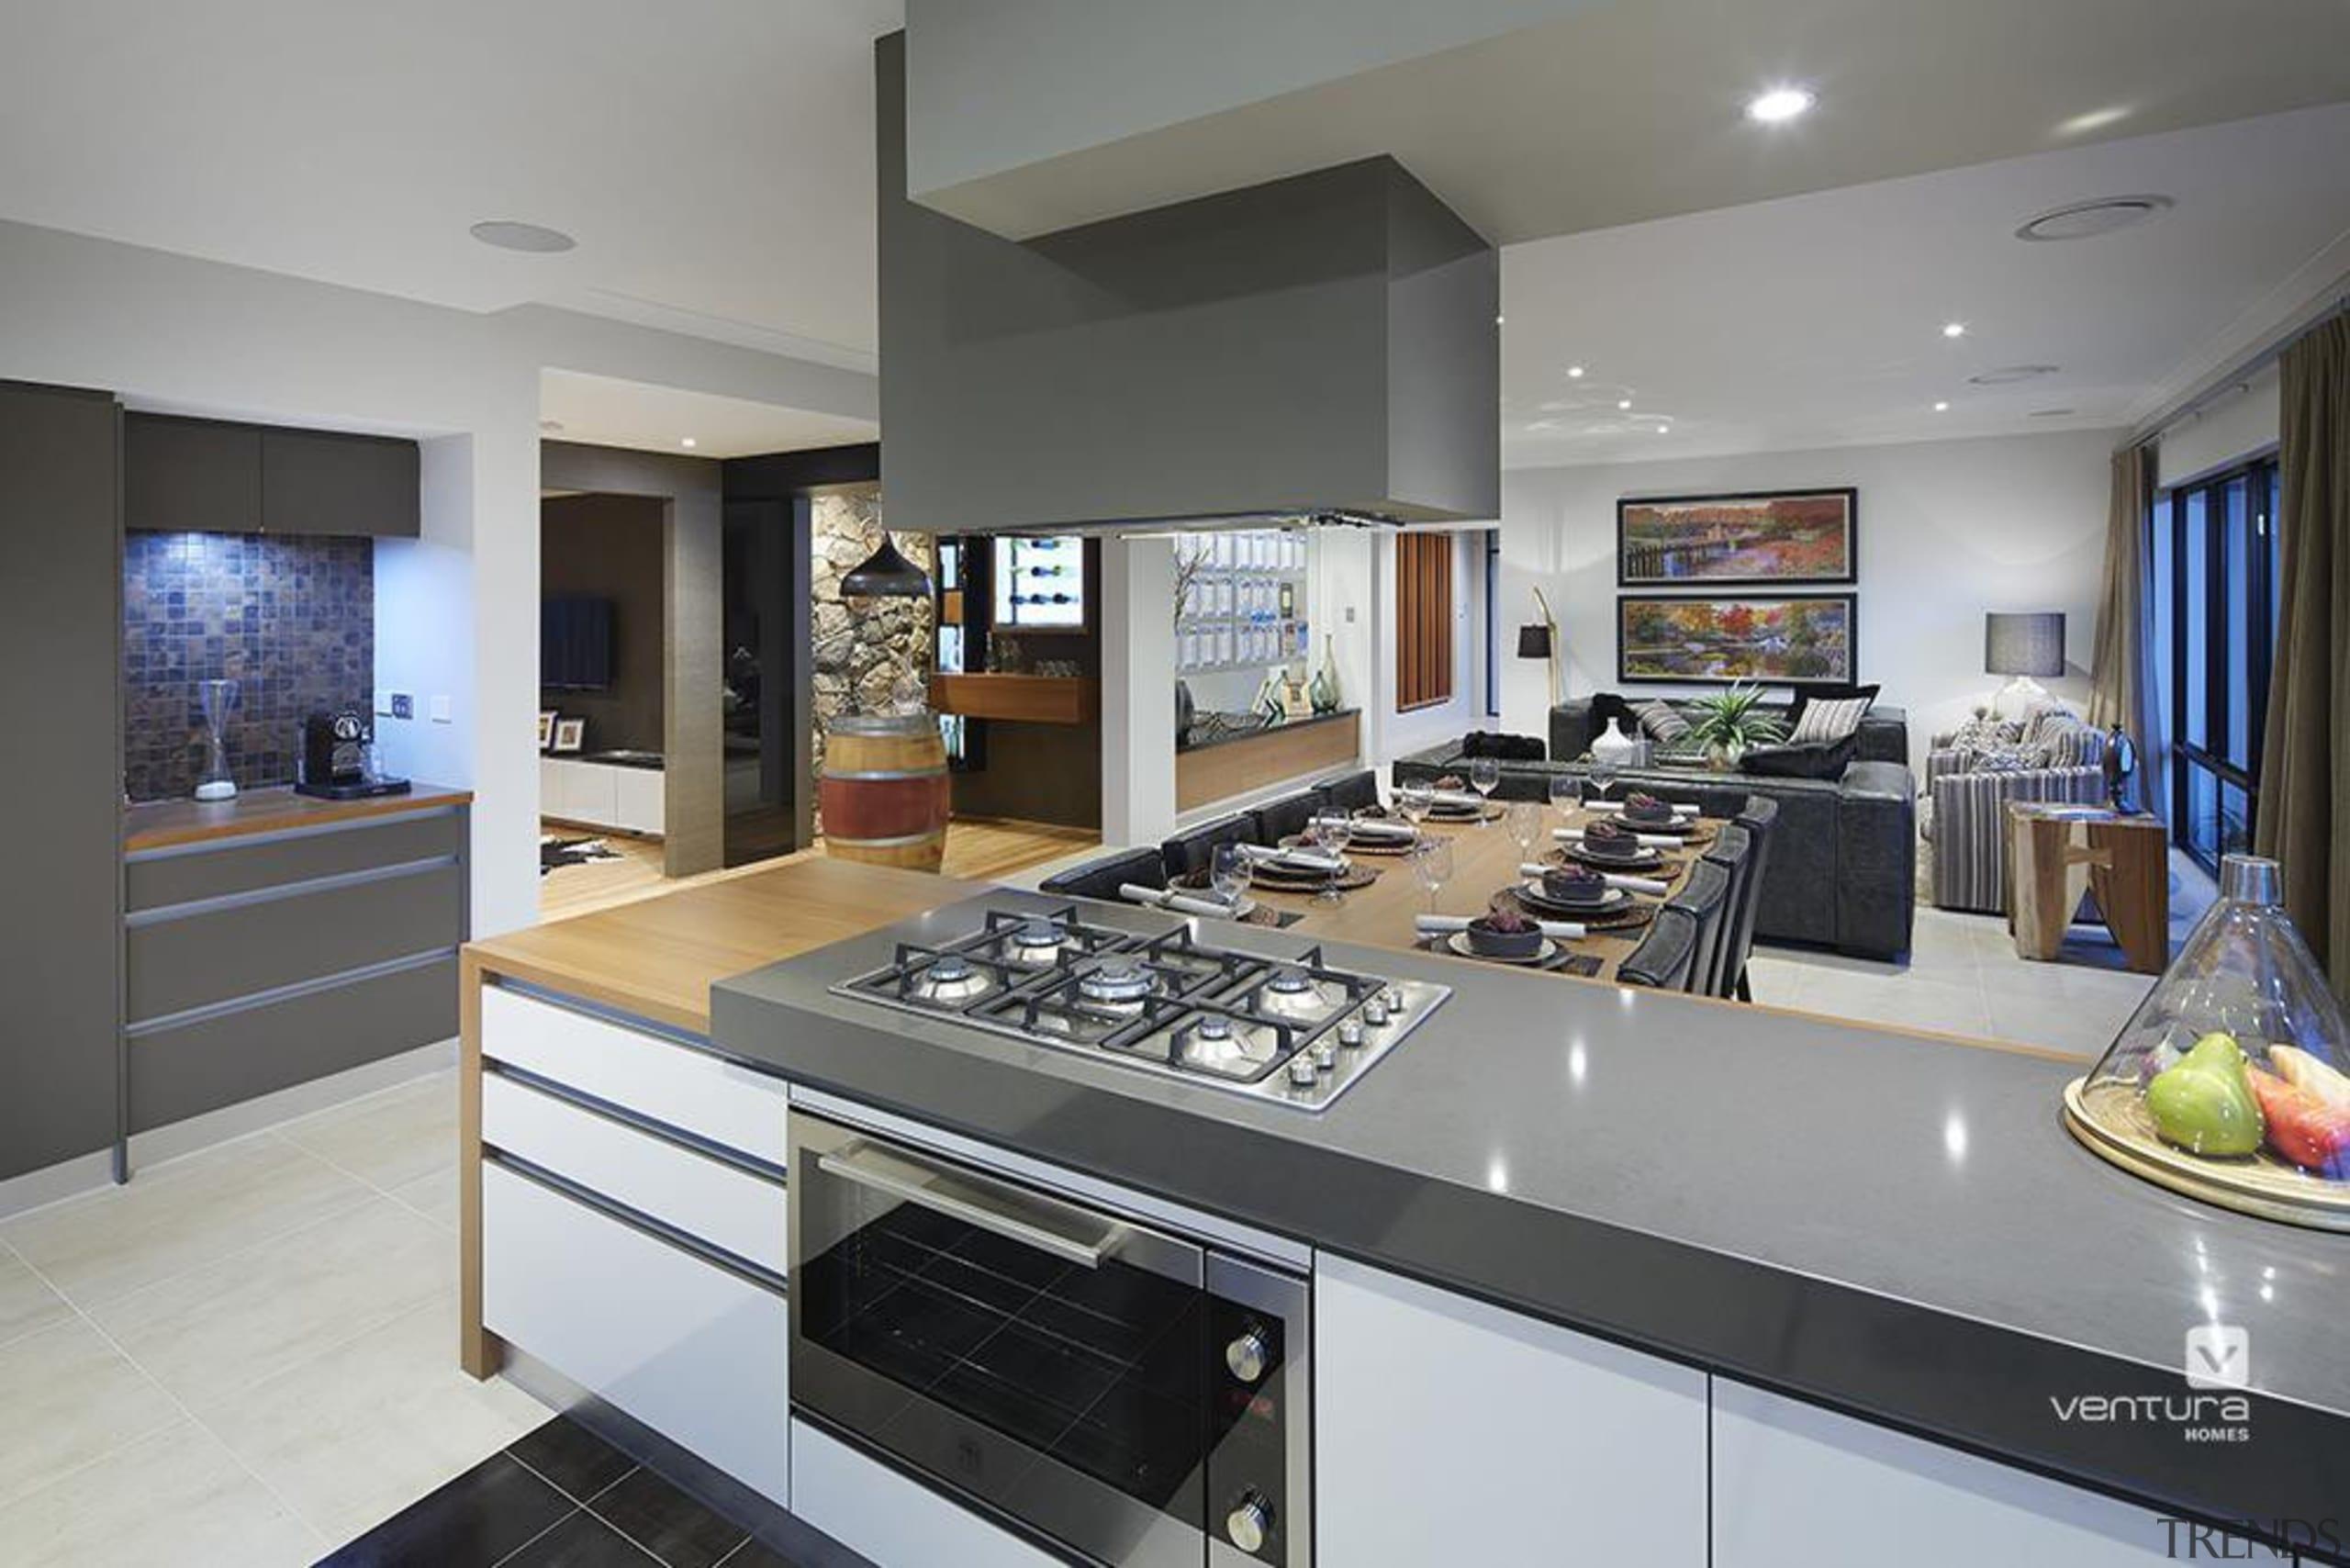 Kitchen design. - The Macquarie Display Home - countertop, interior design, kitchen, gray